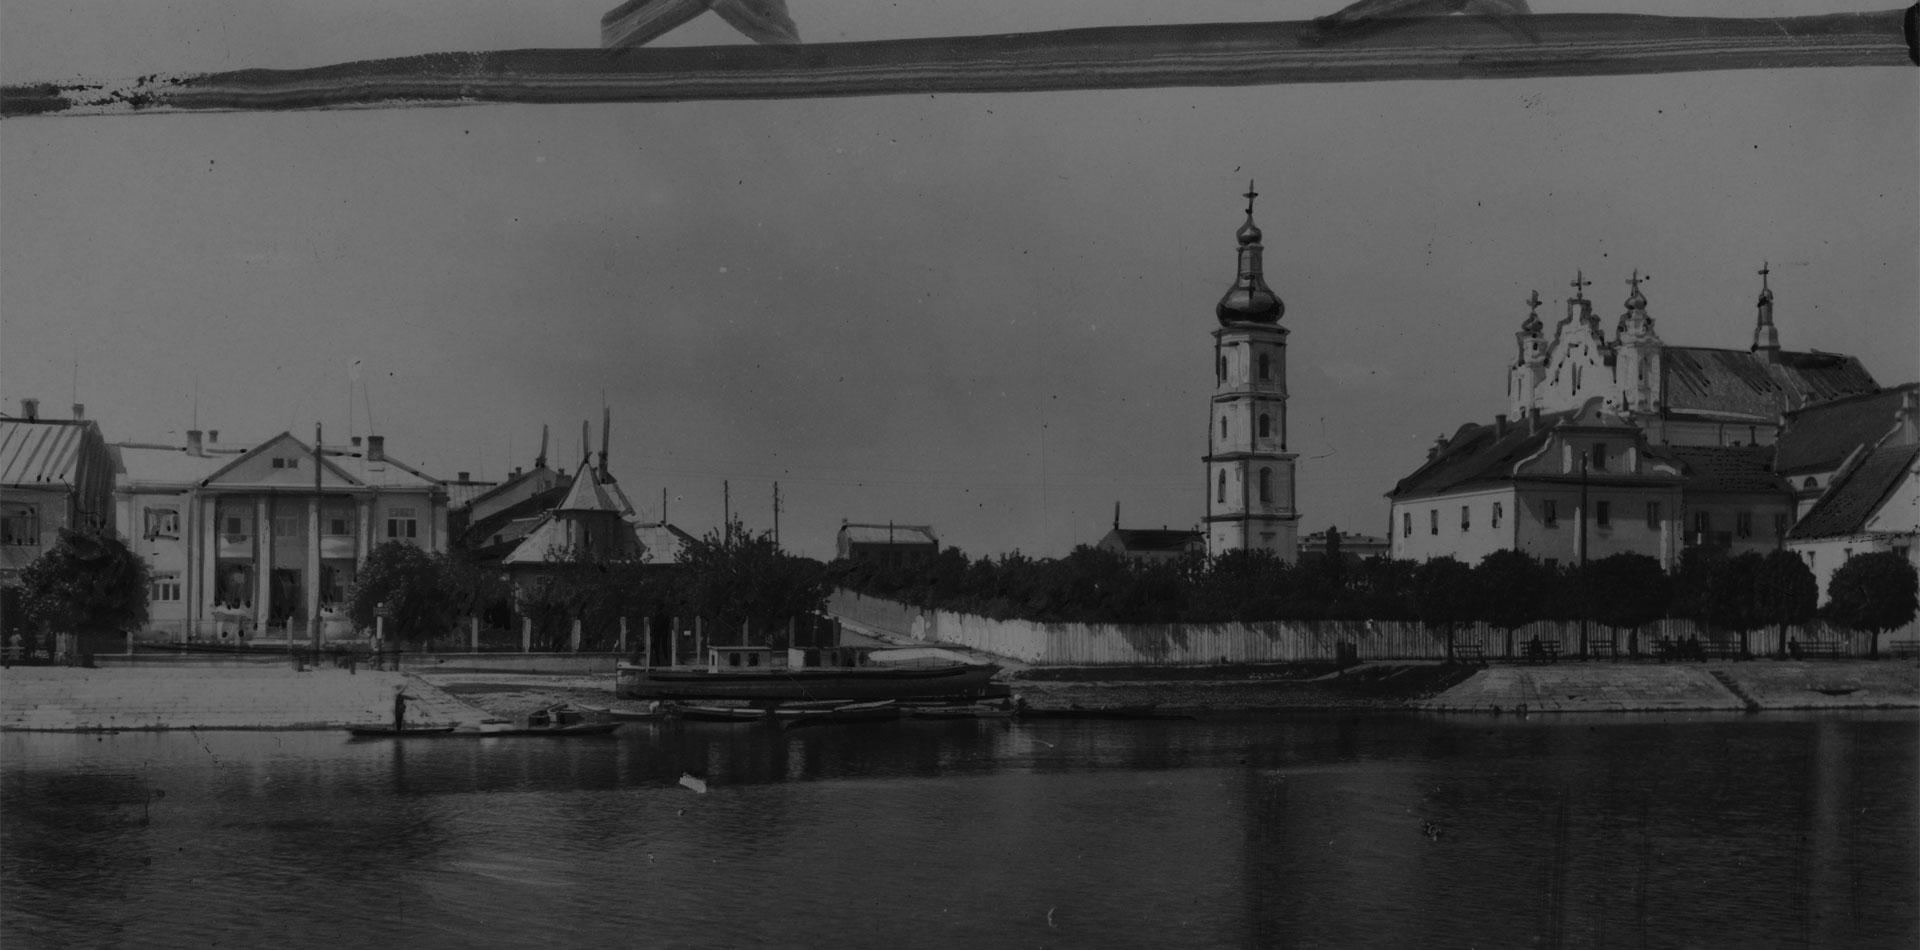 Довоенный Пинск: национальная одежда, памятник дороге и демонстрация